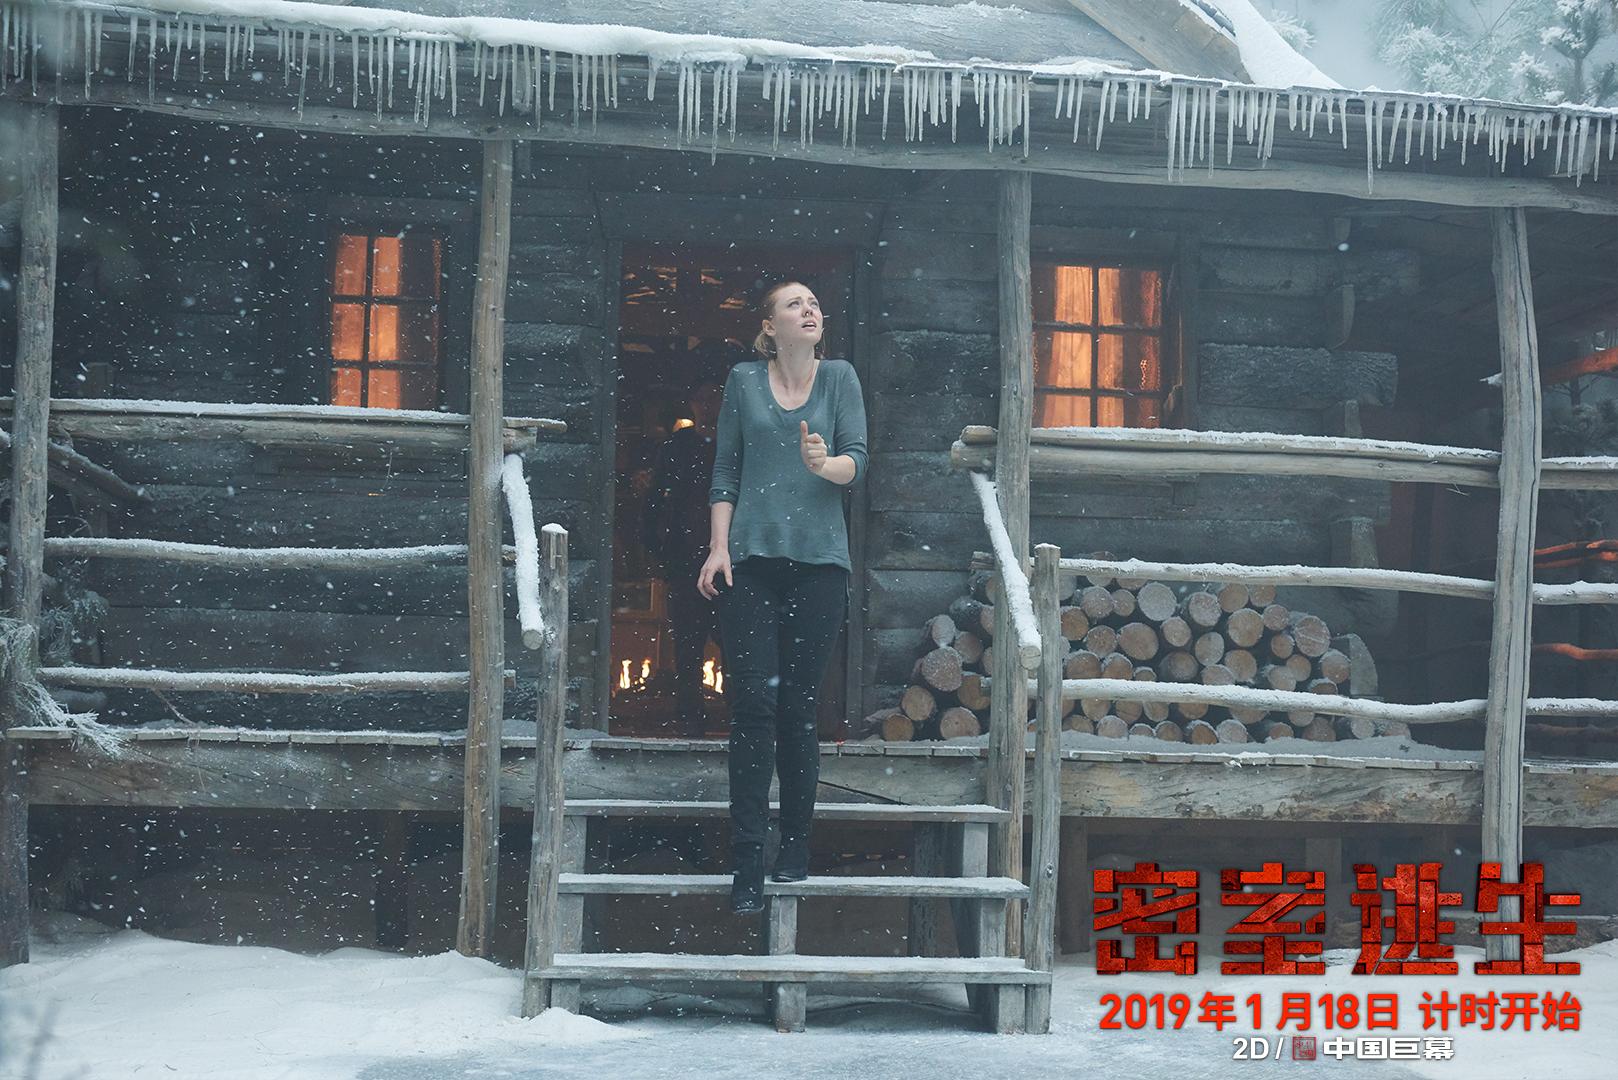 《密室逃生》發佈全新片段 平靜湖面暗藏奪命危機